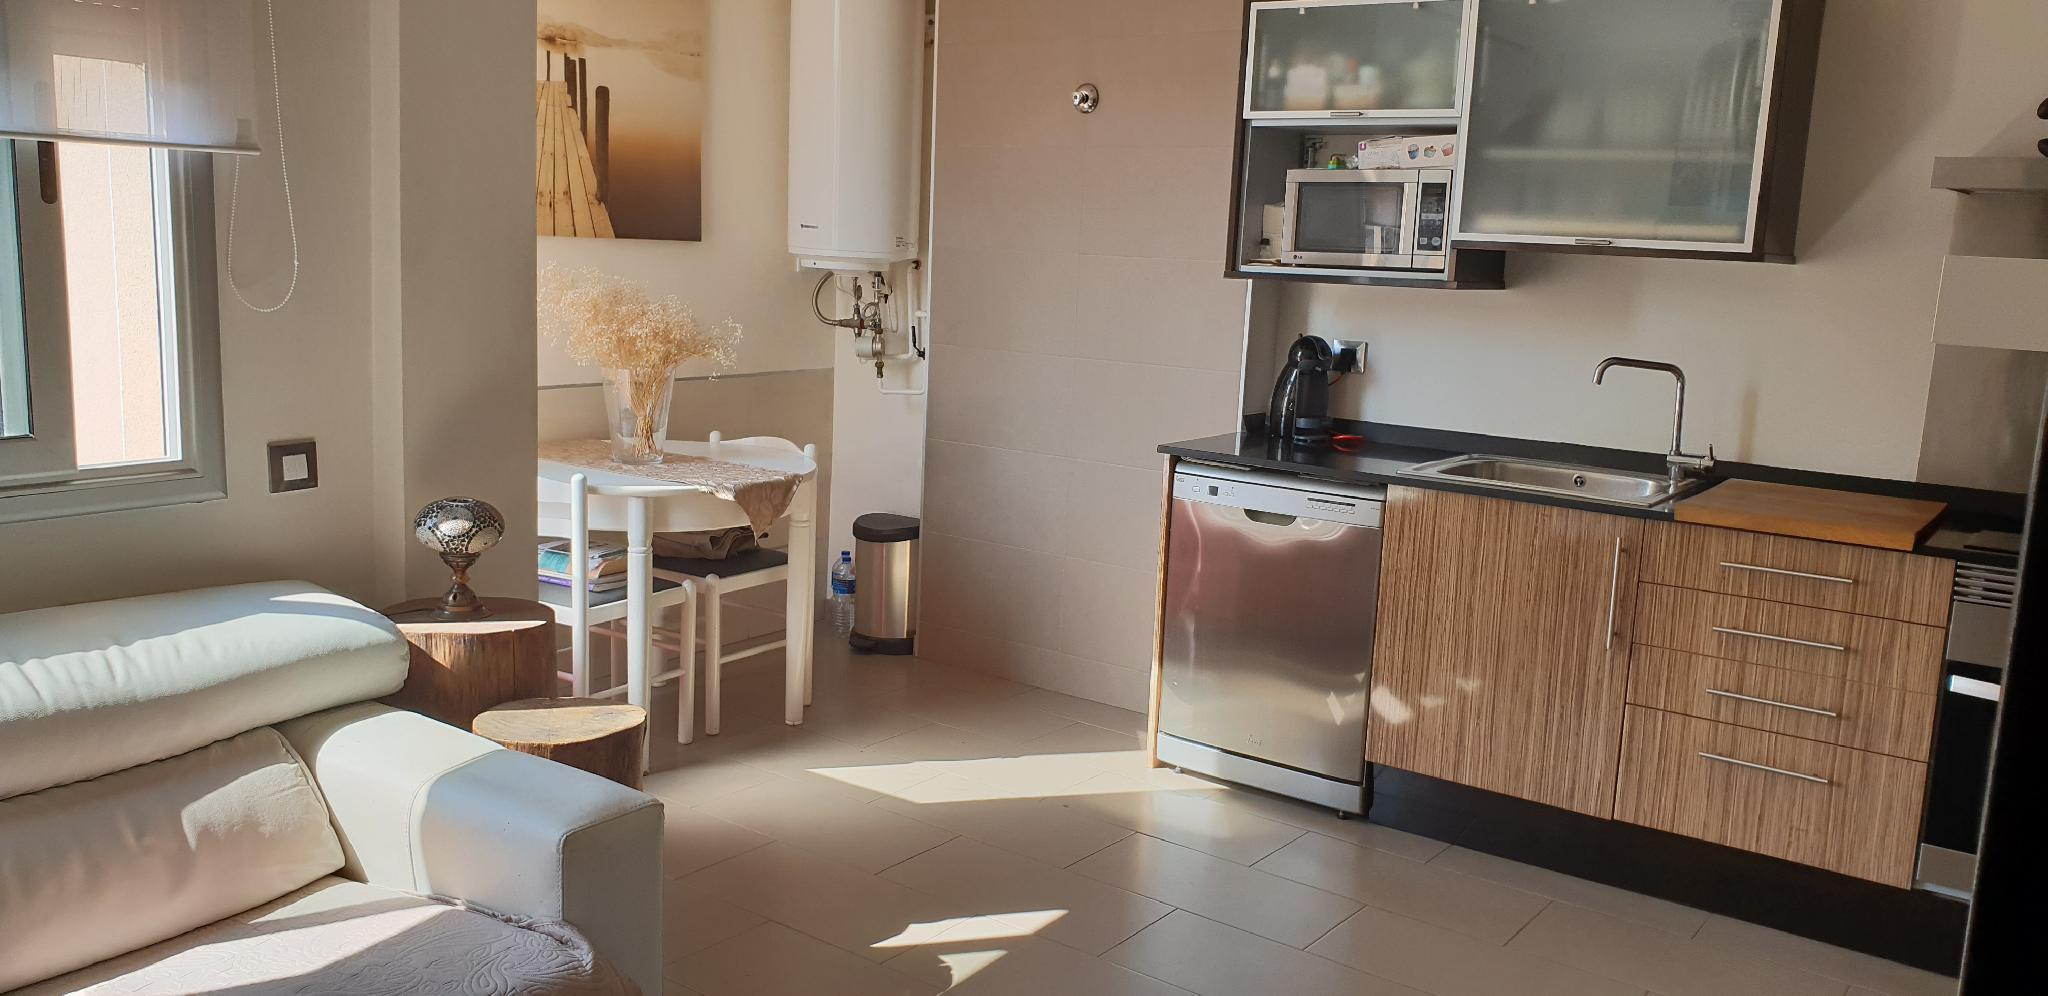 207060 - A cinco minutos del Cap de Bufalà